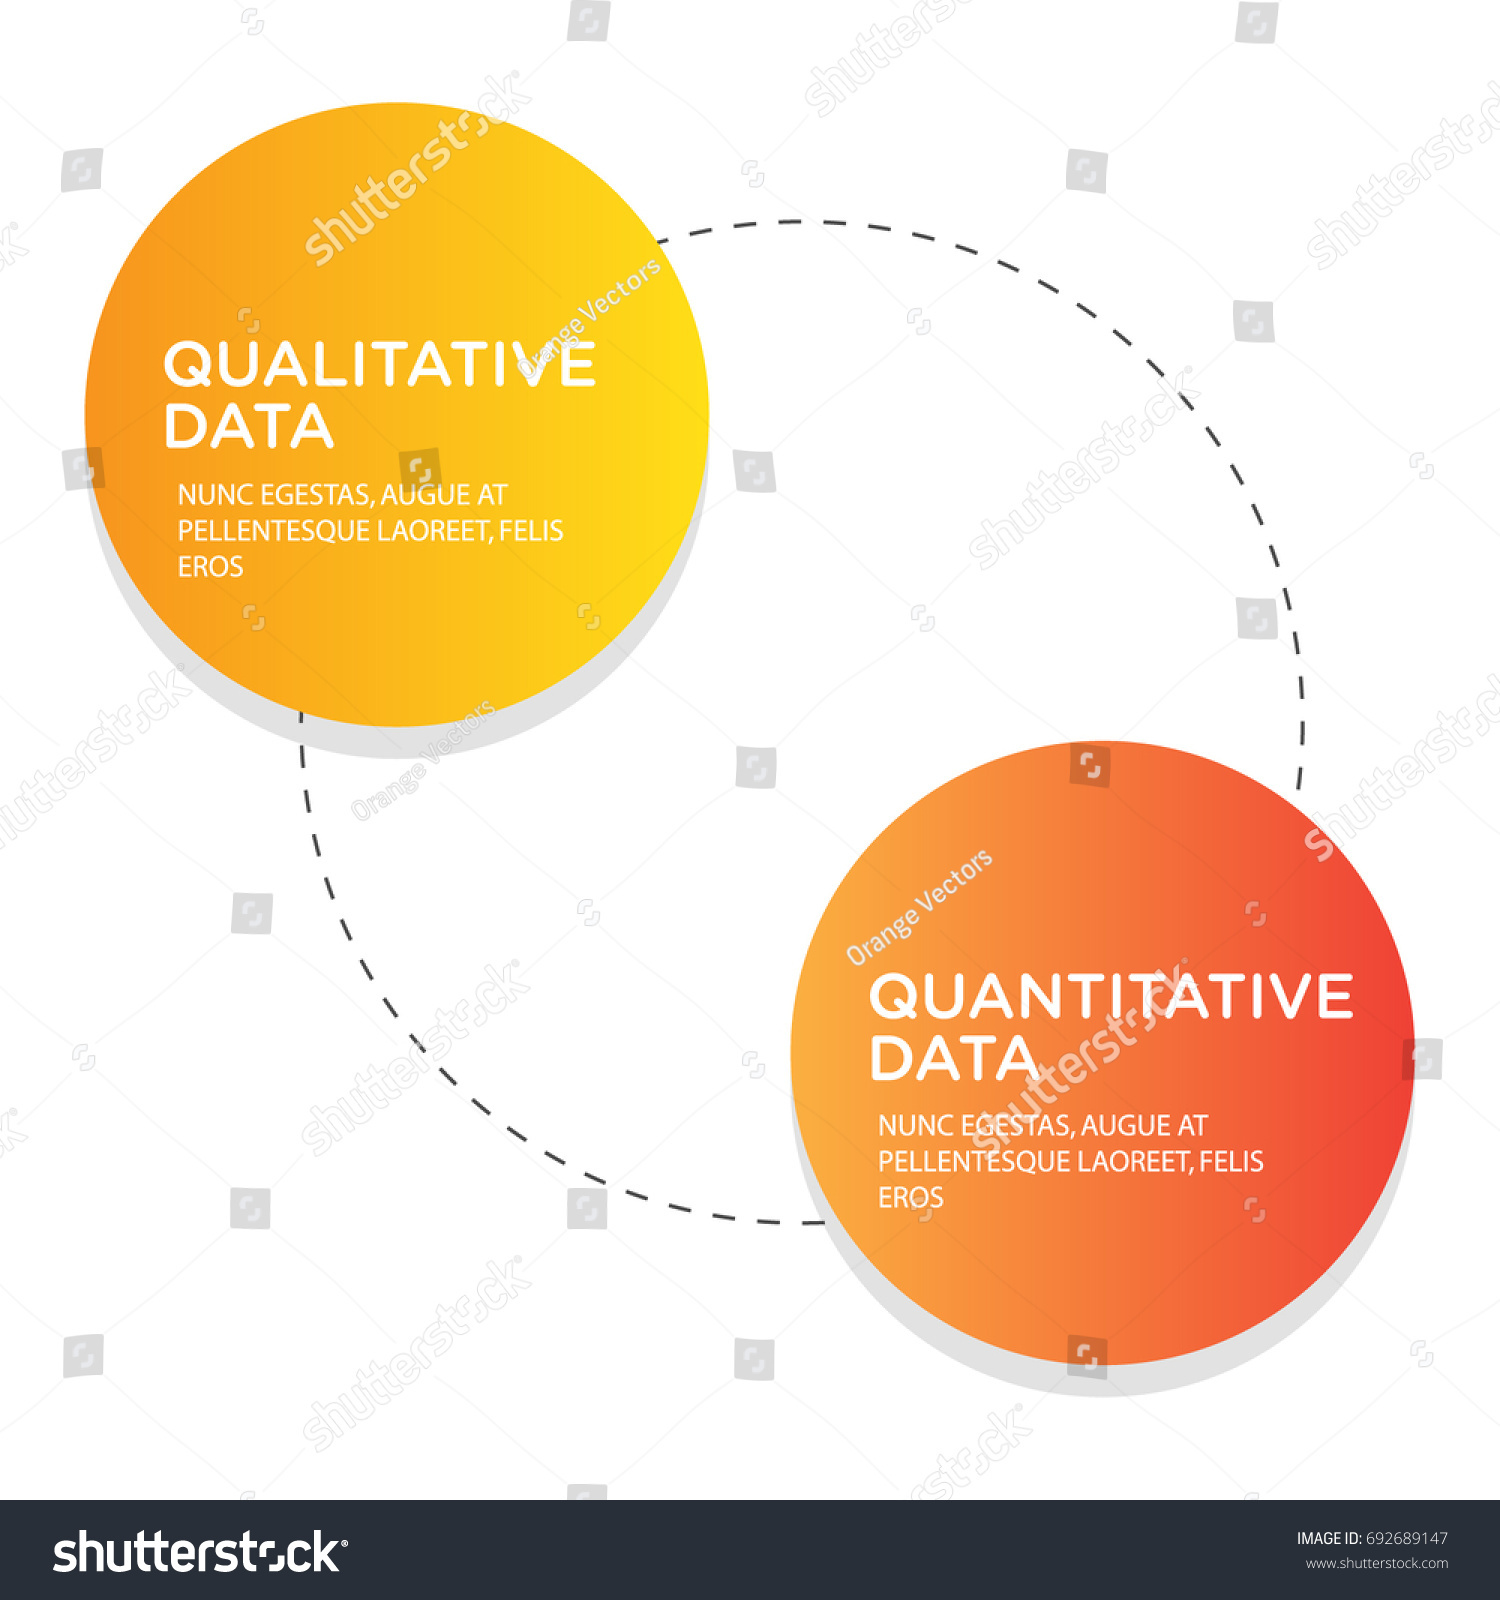 Qualitative Data Versus Quantitative Data Text Stock ...